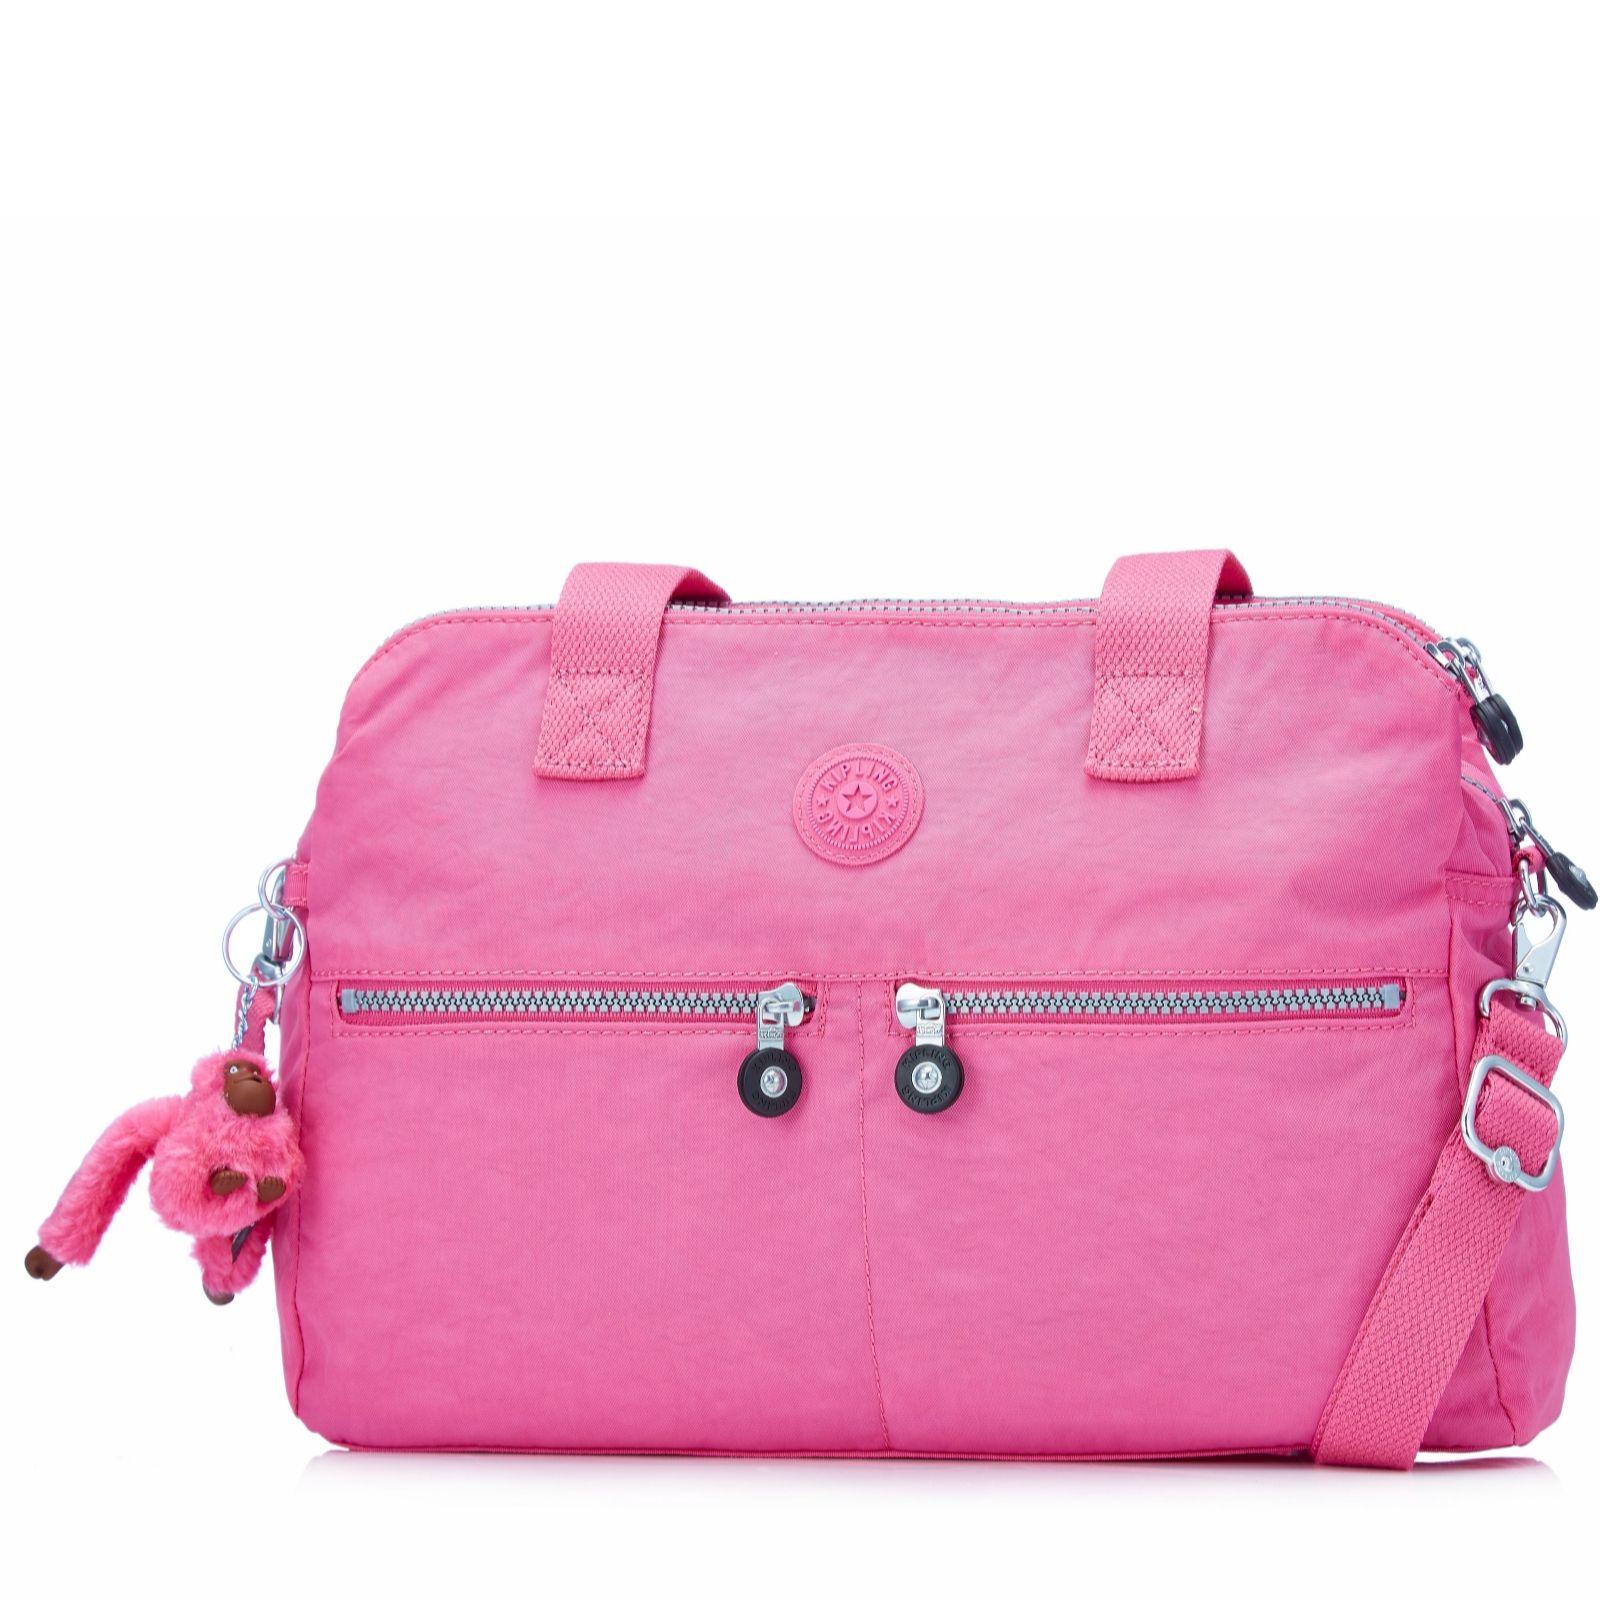 Kipling Marie Francoise Large Shoulder Bag with Detachable